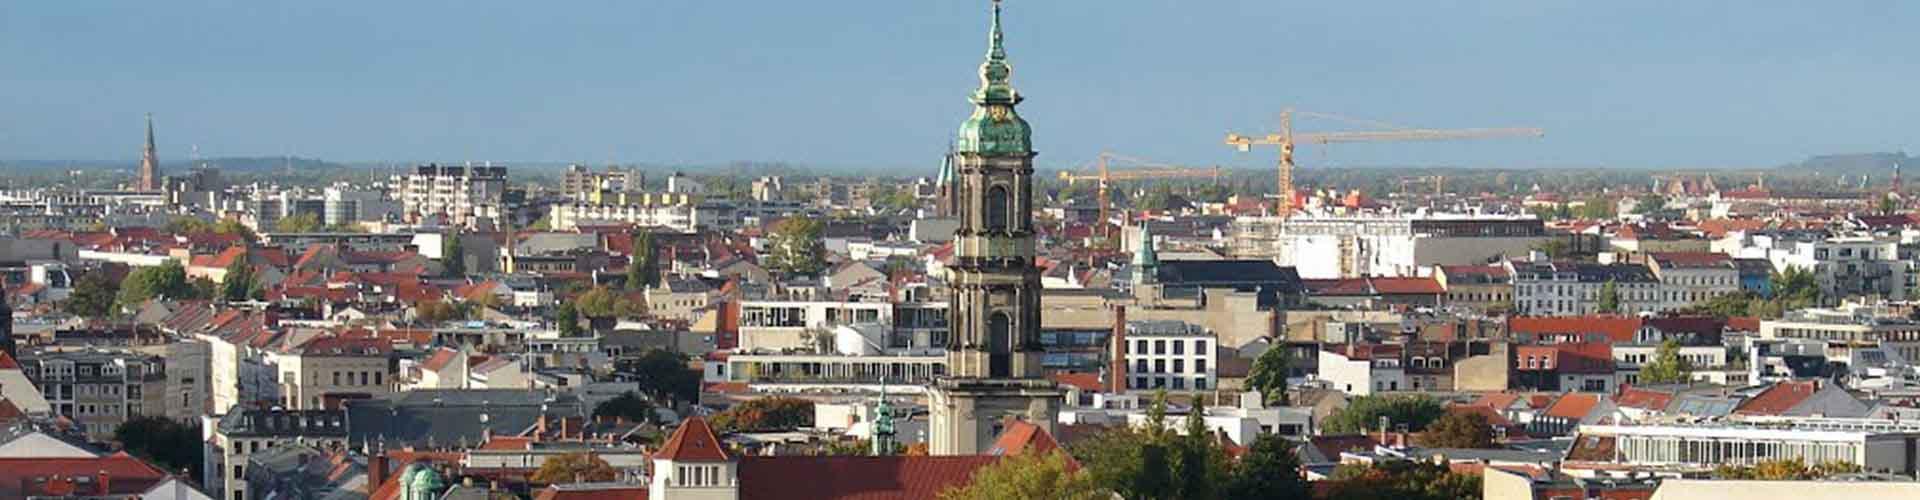 베를린 - Spandauer Vorstadt지역에 위치한 호텔. 베를린의 지도, 베를린에 위치한 호텔에 대한 사진 및 리뷰.